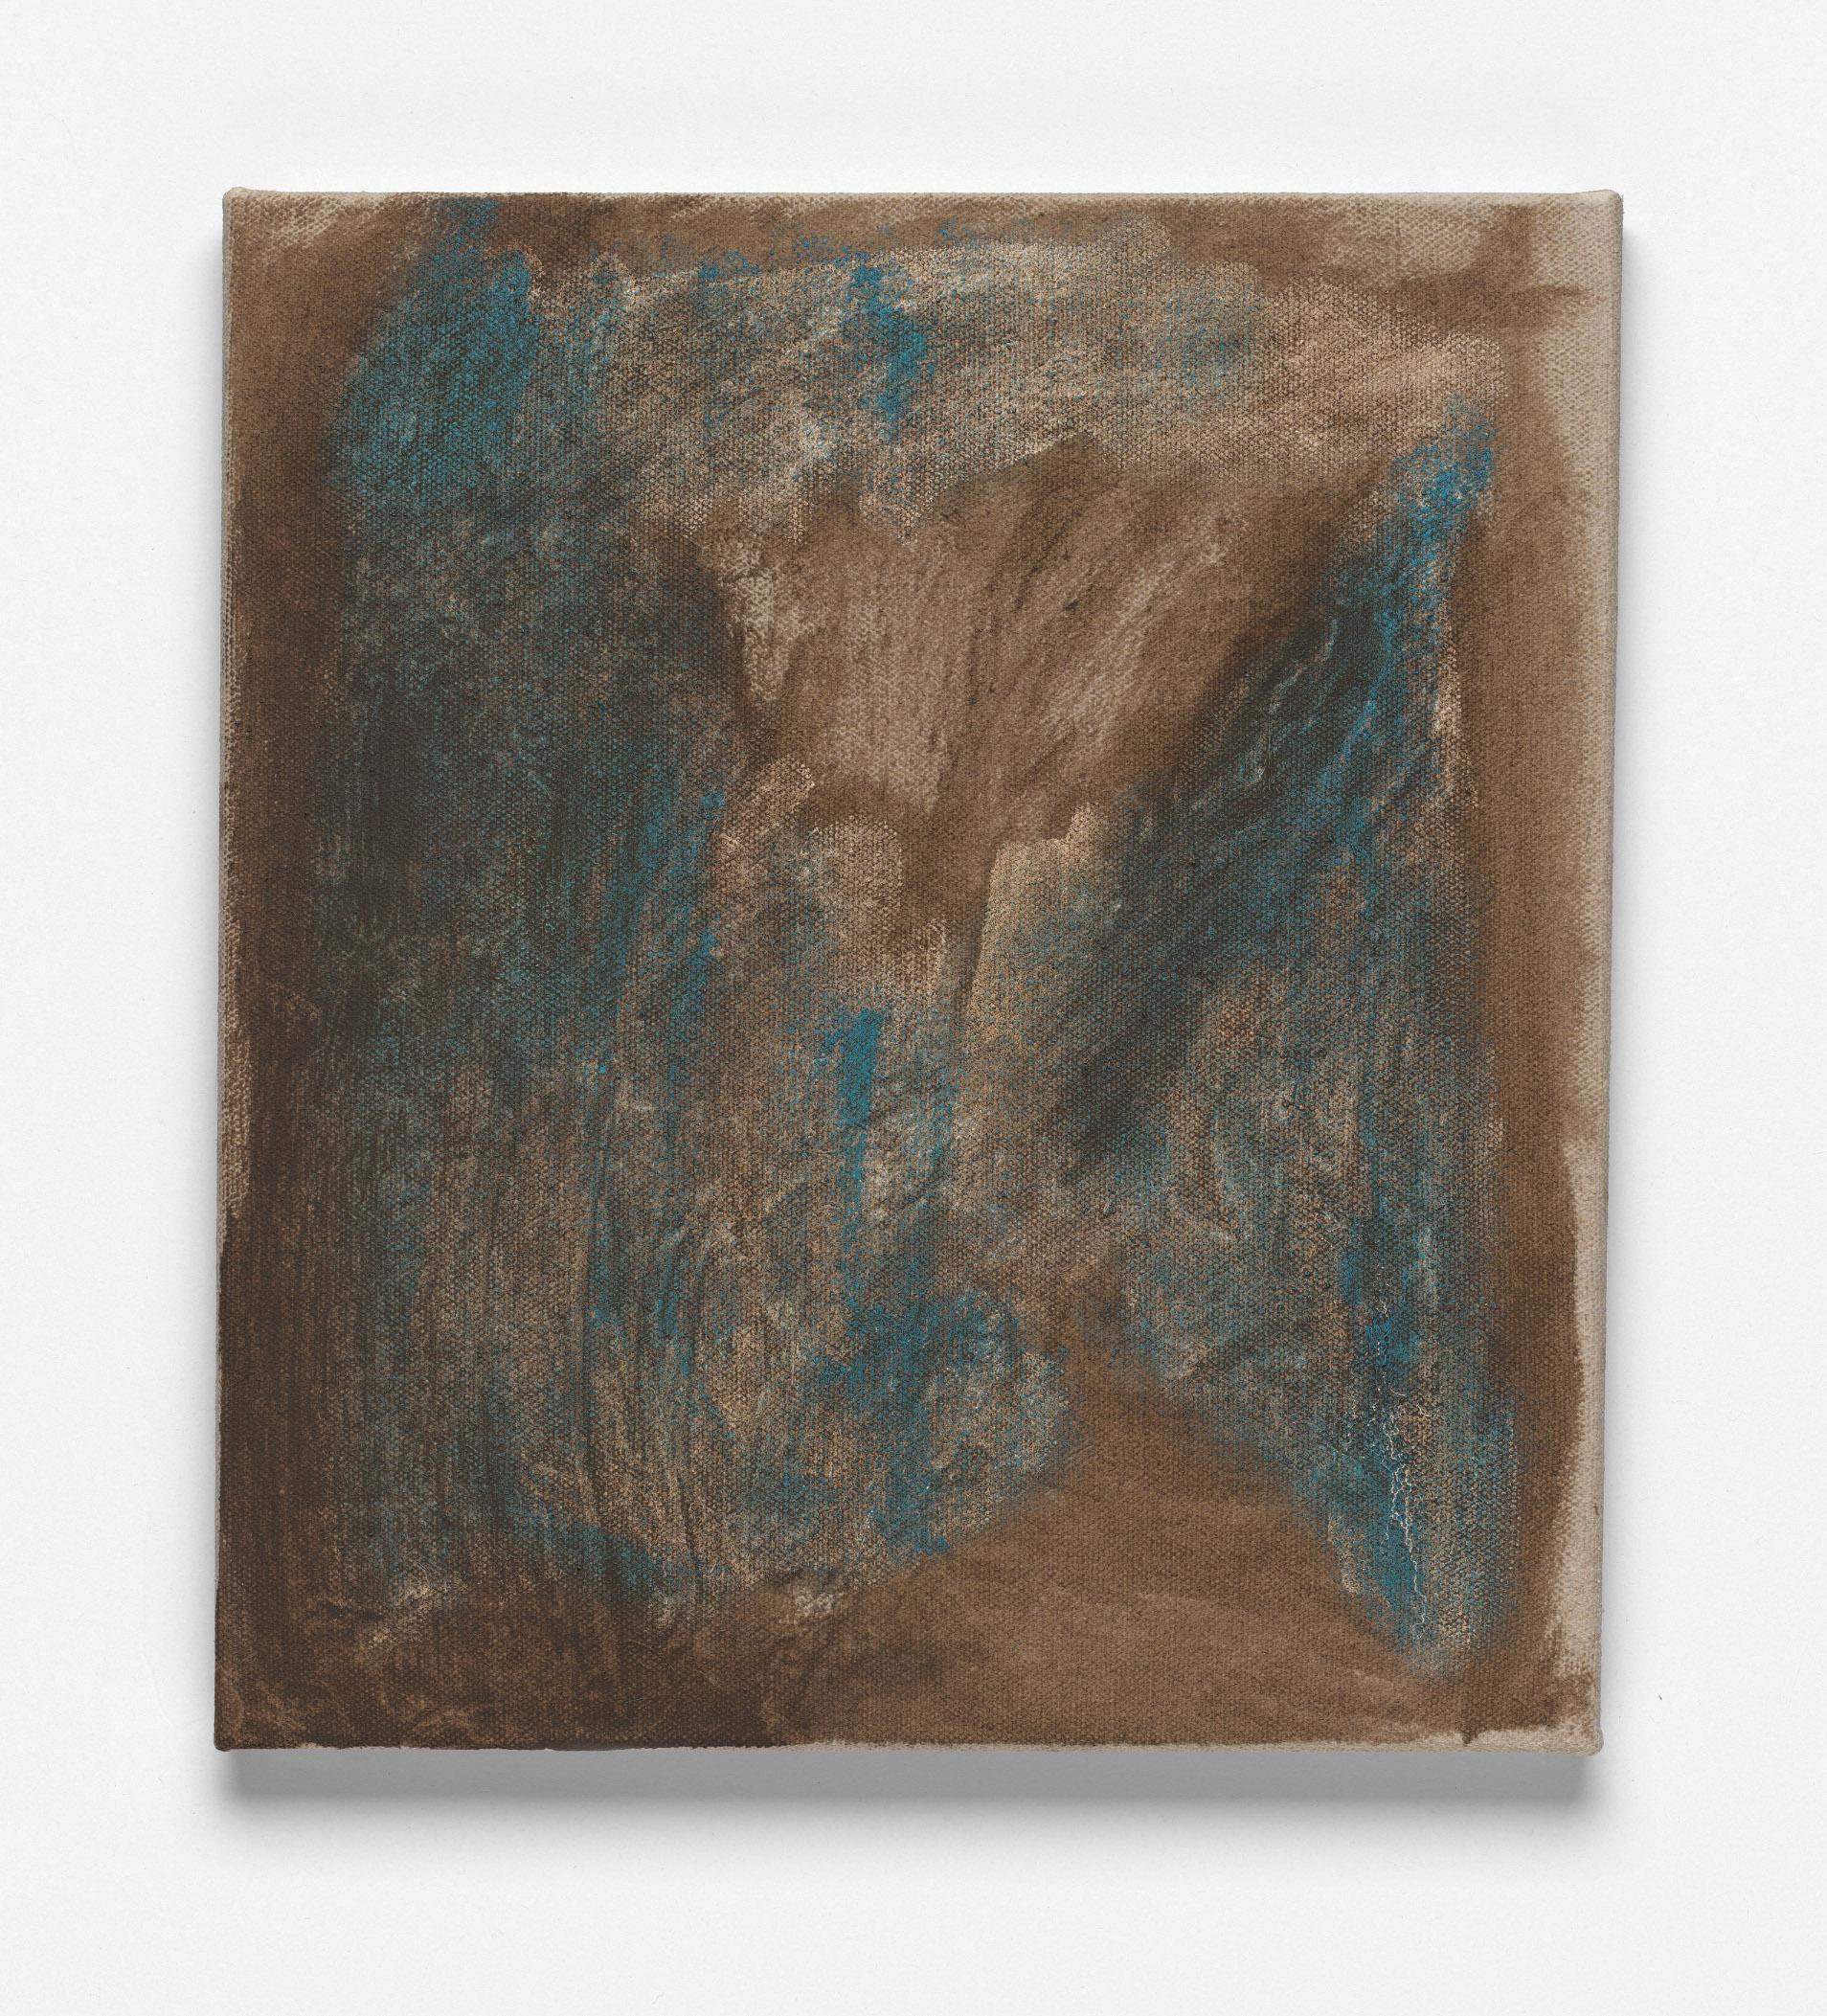 After L'Été 9 (brown on blue), Oil on Linen, 46 x 41cm, 2018. Photograph by Matthew Stanton.